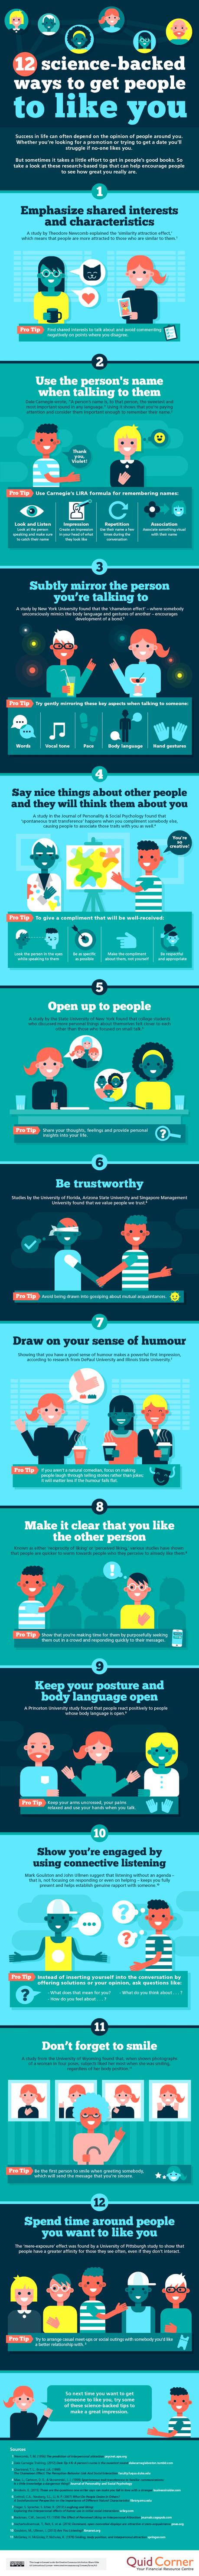 12 maneras científicamente probadas de agradarle más a las personas